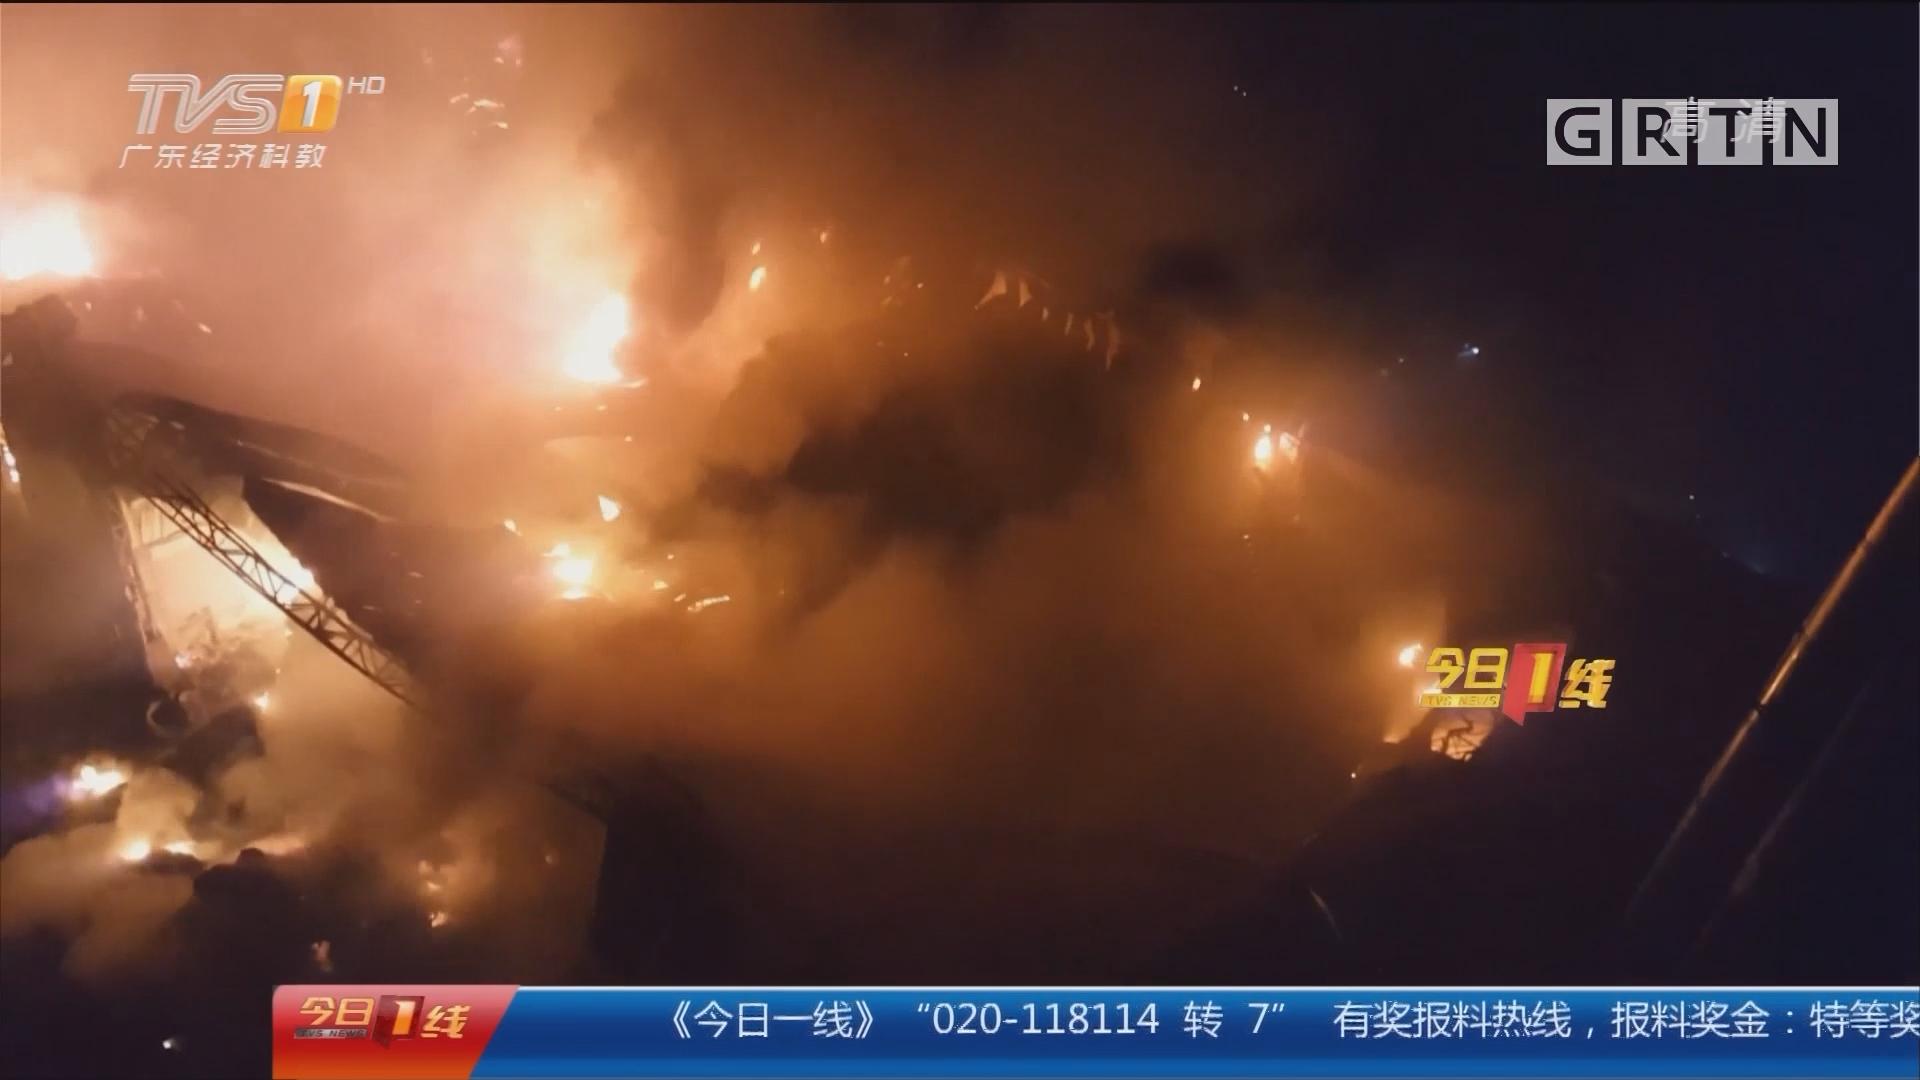 中山东凤:废品站突发大火 火烧连营